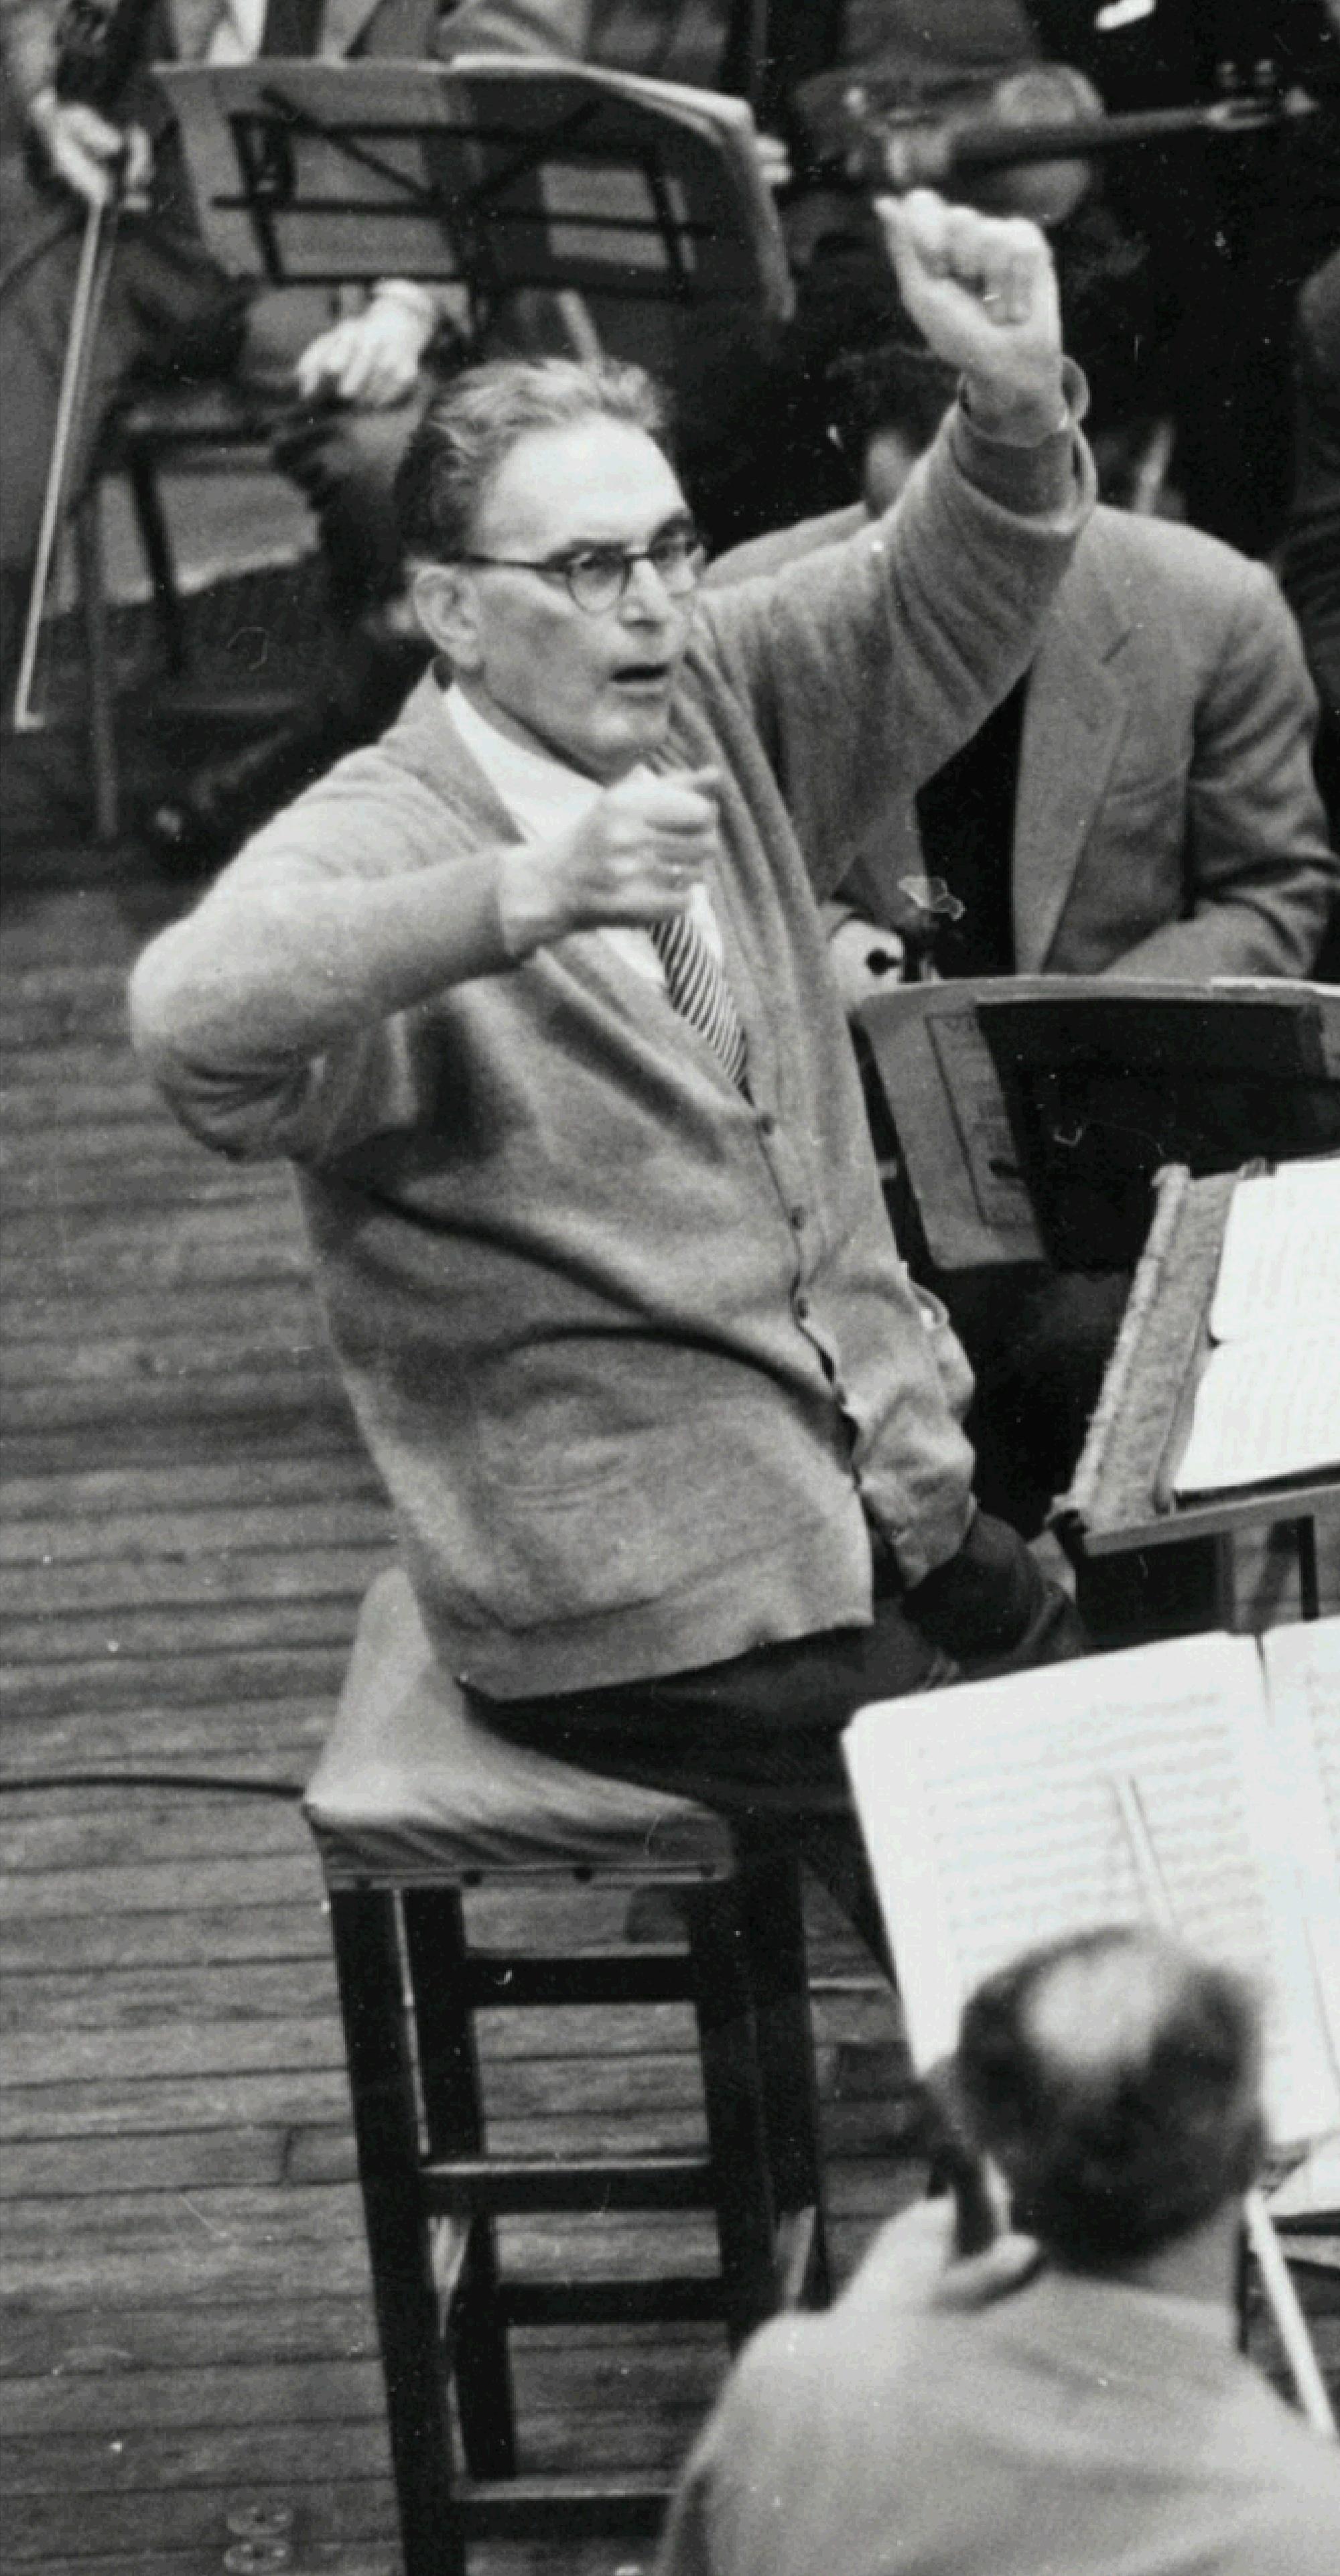 Otto Klemperer en répétition, novembre 1957, extrait d'une photo d'Erich Auerbach, cliquer pour voir l'original et ses références